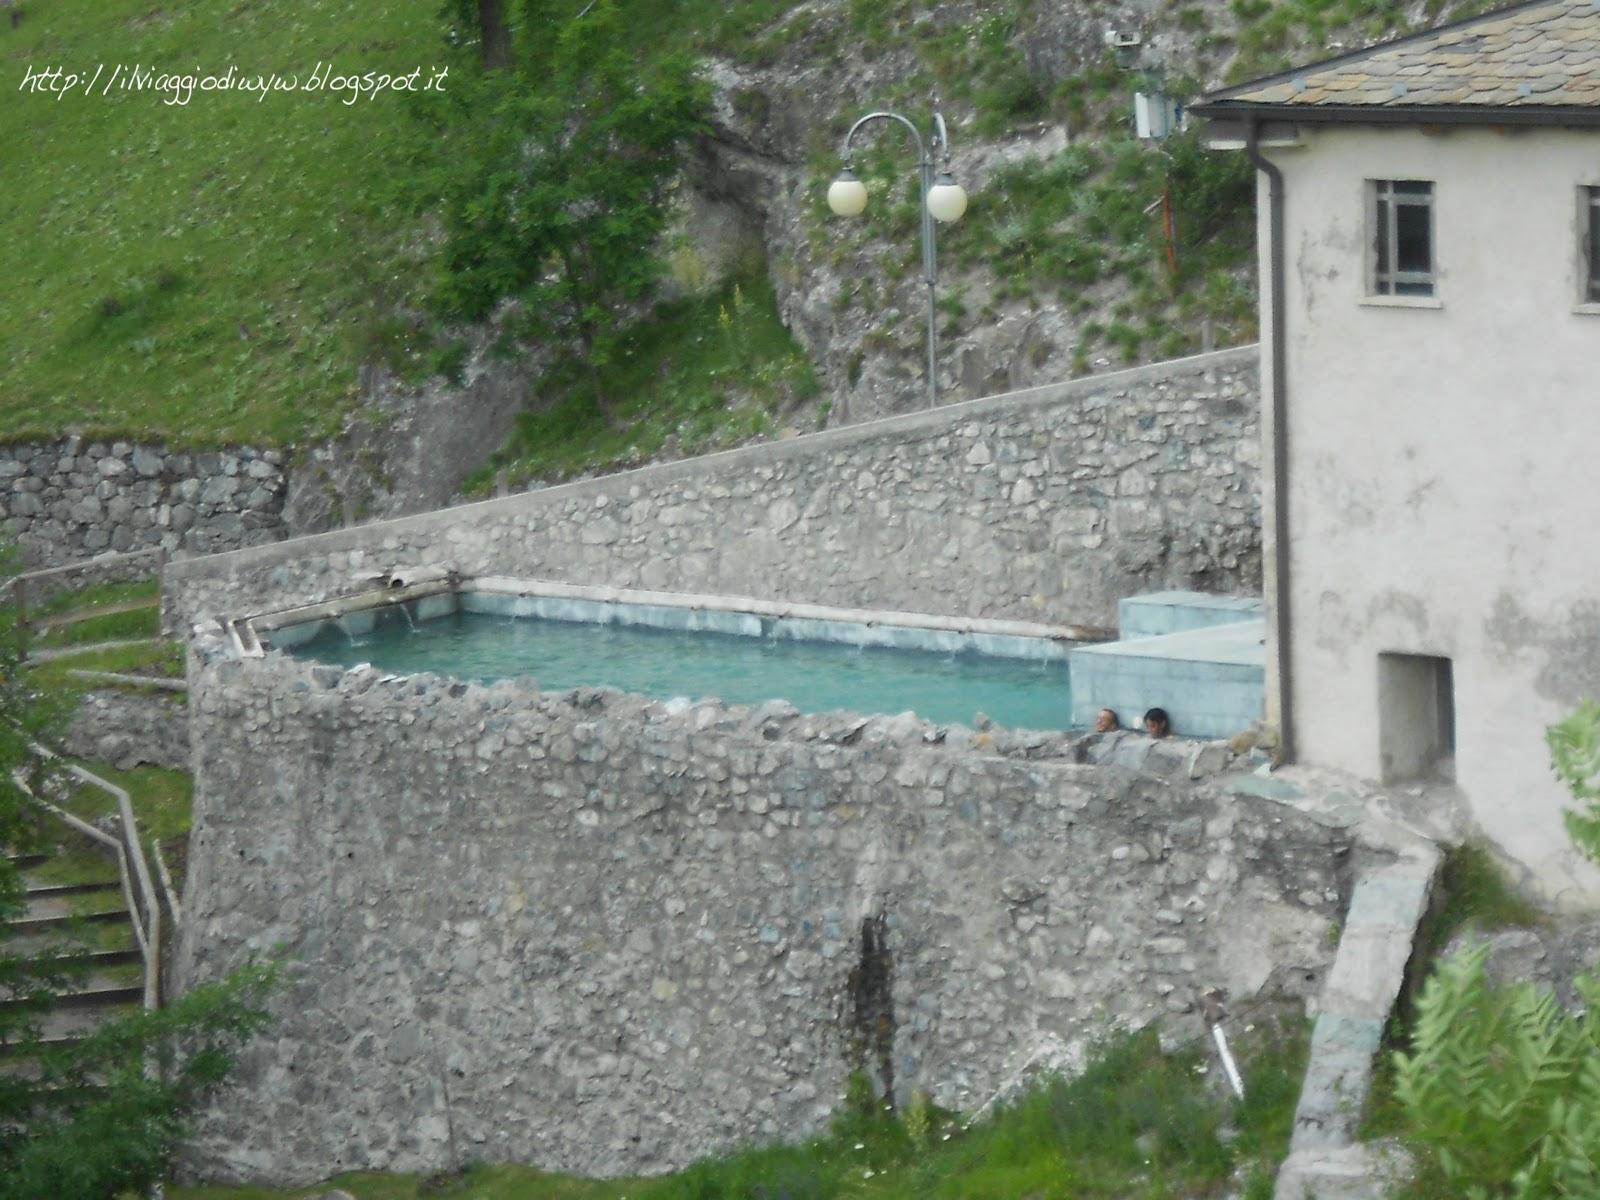 piscina allaperto bagni vecchi bormio